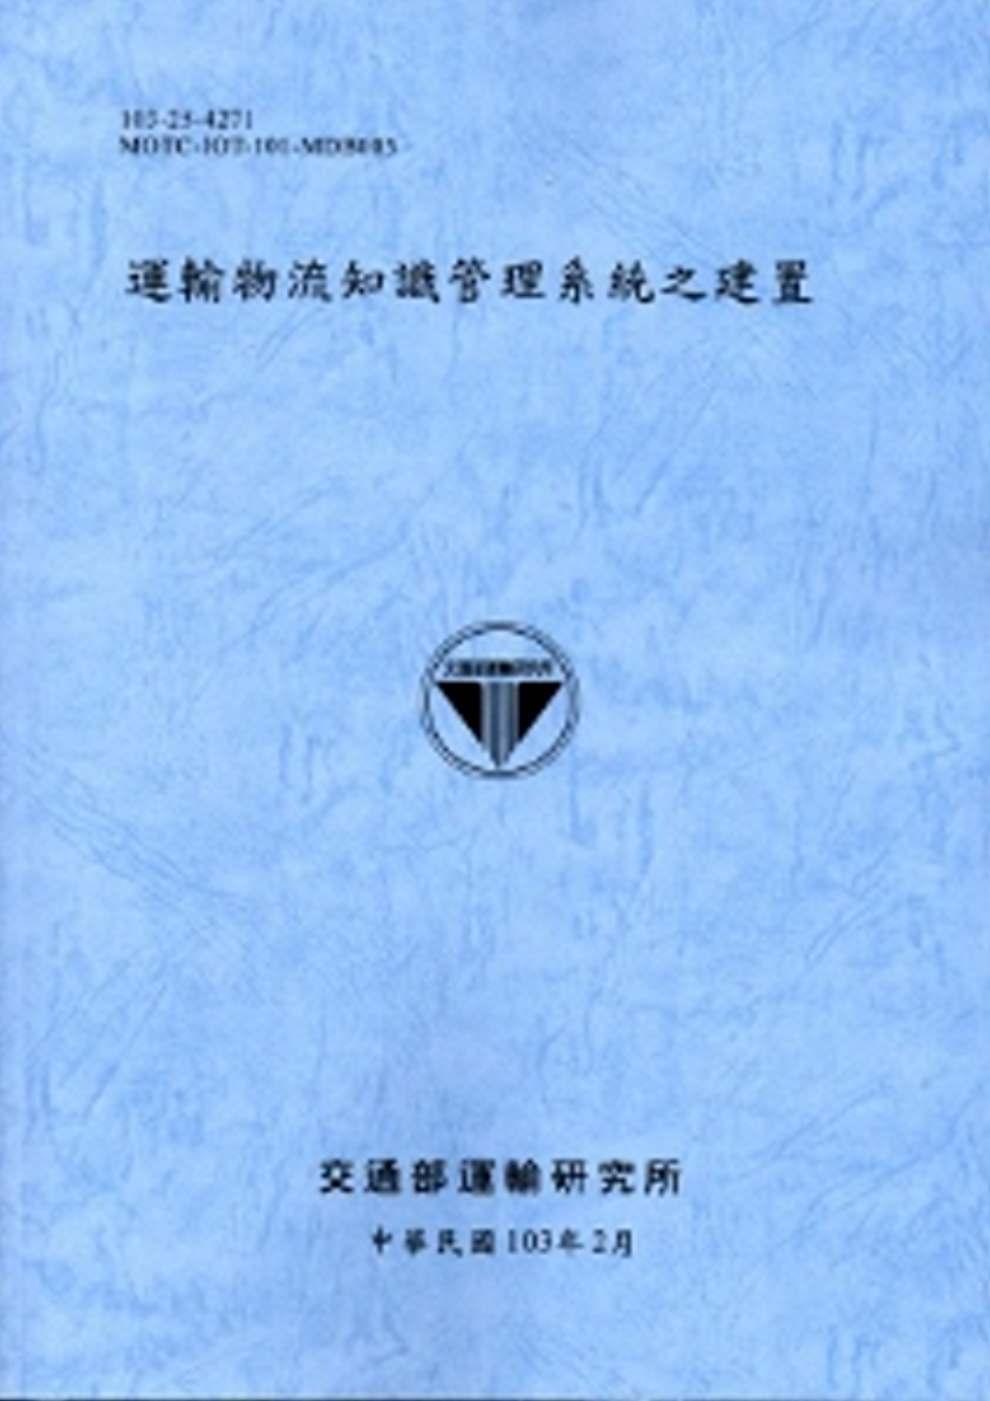 運輸物流知識管理系統之建置[103藍灰]